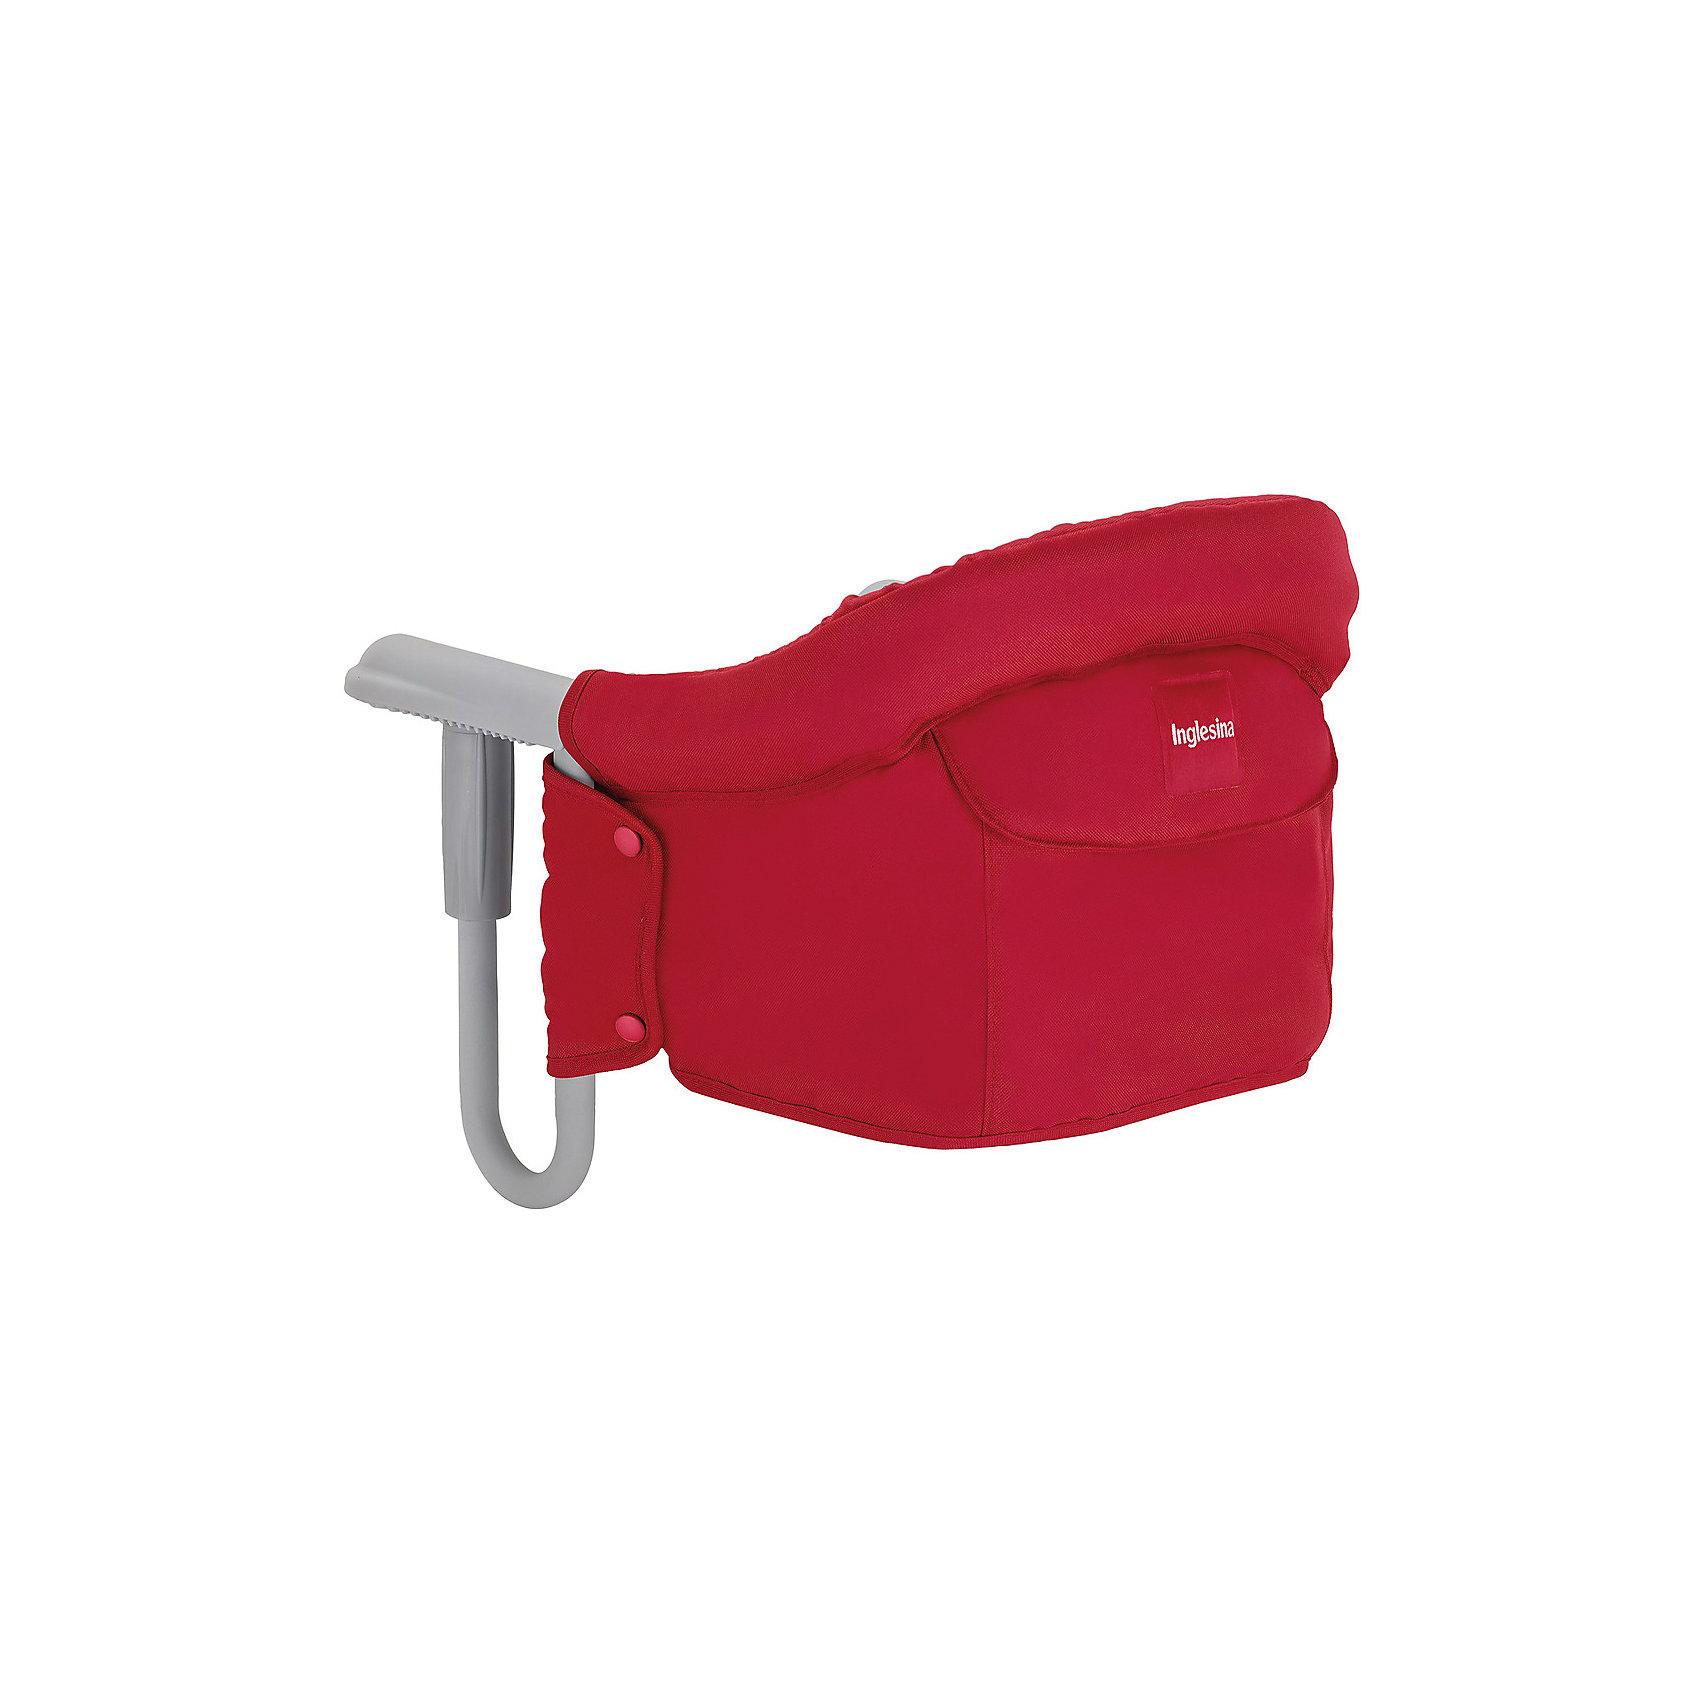 Подвесной стульчик для кормления FAST, Inglesina, красныйСтульчики для кормления<br>Характеристики:<br><br>• Вид детской мебели: стульчик подвесной<br>• Пол: для девочки<br>• Материал: металл, текстиль<br>• Съемная конструкция<br>• Надежные крепления <br>• Наличие 3-х точечных ремней безопасности<br>• Наличие кармашка для мелочей<br>• Наличие сумки для переноски<br>• Максимально допустимый вес: до 15 кг<br>• Размеры стульчика в собранном виде (Д*Ш*В): 28*35*40 см<br>• Размеры упаковки (Д*Ш*В): 38*40*43,5 см<br>• Вес в упаковке: 3 кг <br>• Текстильный чехол сидения можно стирать <br><br>Внимание! Основным является первое фото, последующие фотографии размещены с целью показать функционал данной модели.<br><br>Подвесной стульчик для кормления FAST, Inglesina, красный – стульчик, предназначенный для детей, которые умеют сидеть. Стульчик имеет подвесную конструкцию, которая надежно крепится к столу. Каркас выполнен из прочного металла, сиденье – из текстиля, который можно стирать. При небольших габаритах и легком весе стульчик выдерживает вес ребенка до 15 кг. Подвесной стульчик для кормления FAST, Inglesina, красный – не только идеальный вариант для малогабаритных квартир, но и для дальних поездок или для дачи.<br><br>Подвесной стульчик для кормления FAST, Inglesina, красный можно купить в нашем интернет-магазине.<br><br>Ширина мм: 370<br>Глубина мм: 340<br>Высота мм: 110<br>Вес г: 236<br>Цвет: красный<br>Возраст от месяцев: 6<br>Возраст до месяцев: 36<br>Пол: Женский<br>Возраст: Детский<br>SKU: 5122077